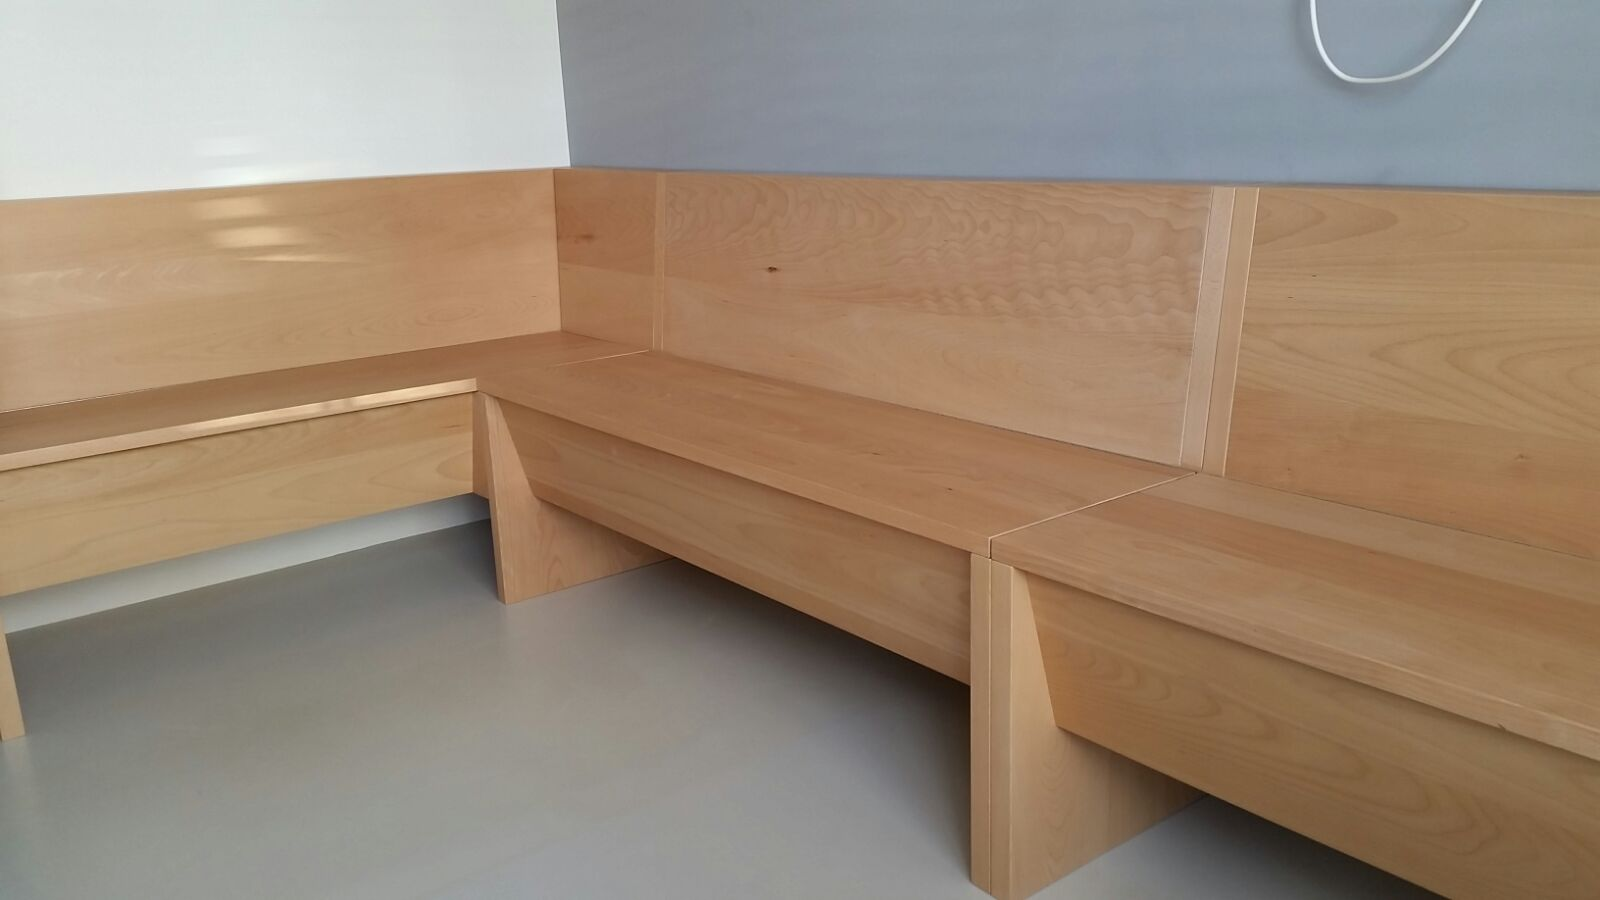 Keuken Hoekbank Op Maat : Hoekbank keuken – Meubelmakerij en restauratie Onno Marr?